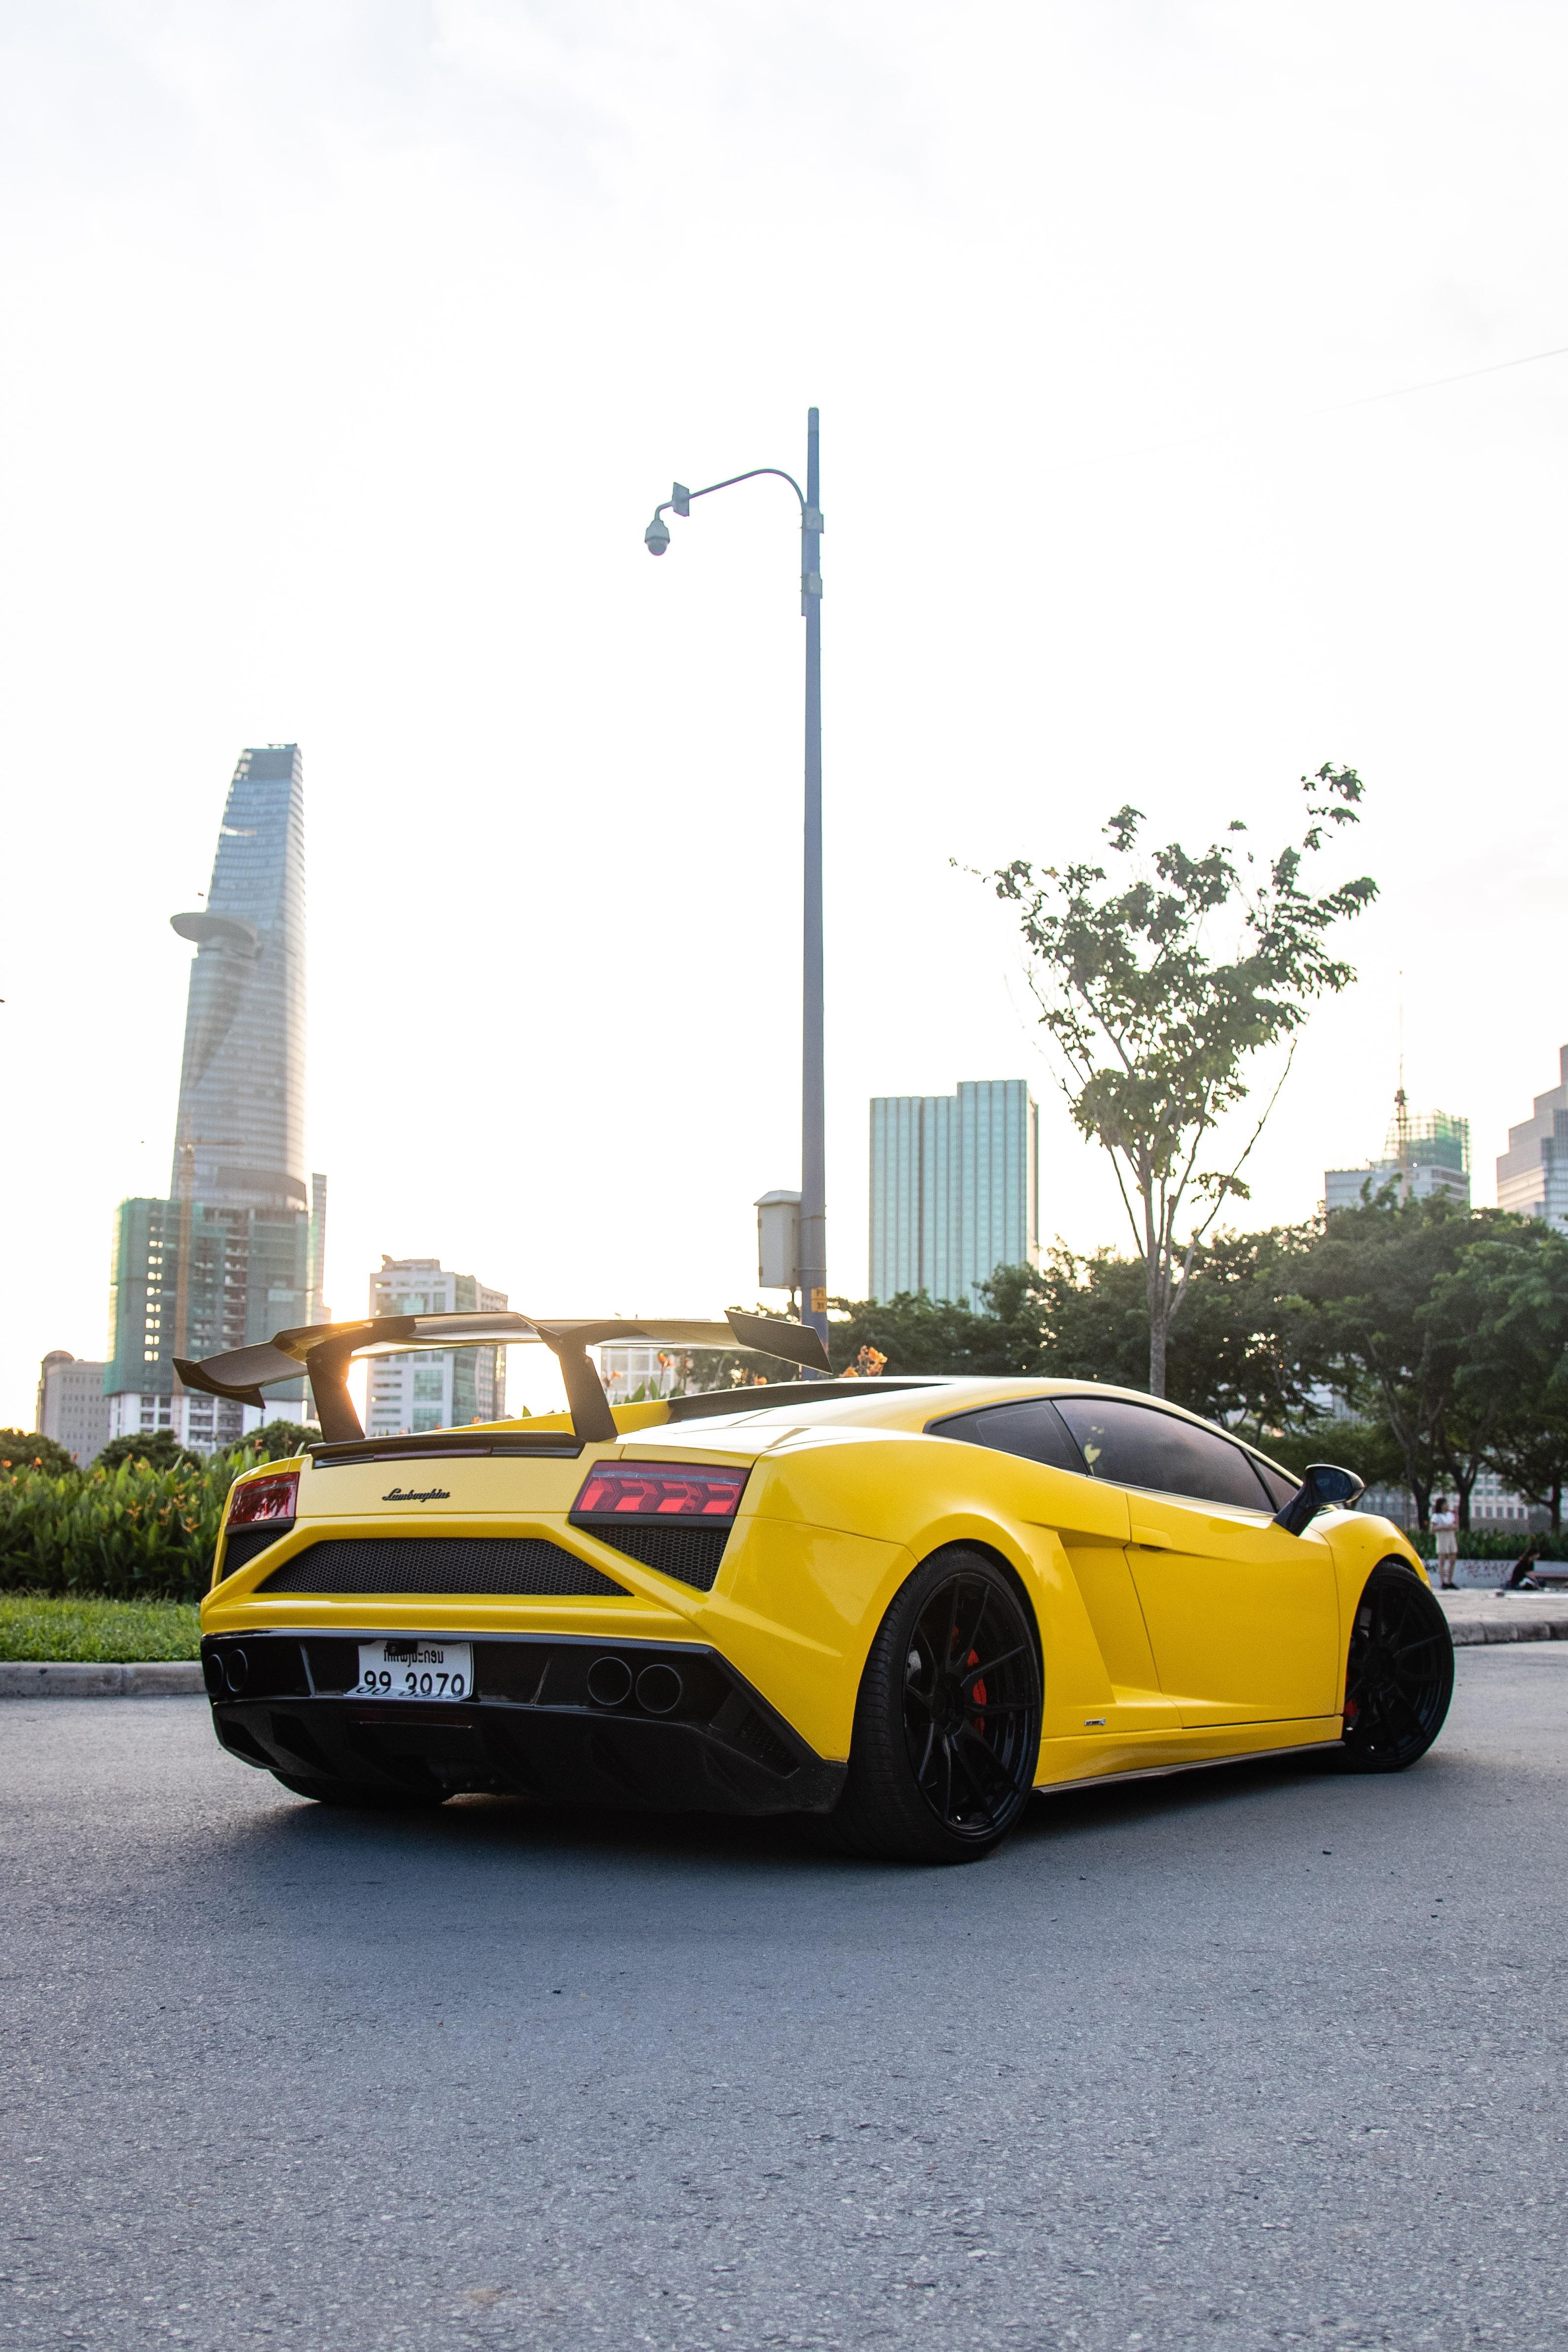 Lamborghini Gallardo Squadra Corse tai VN anh 16